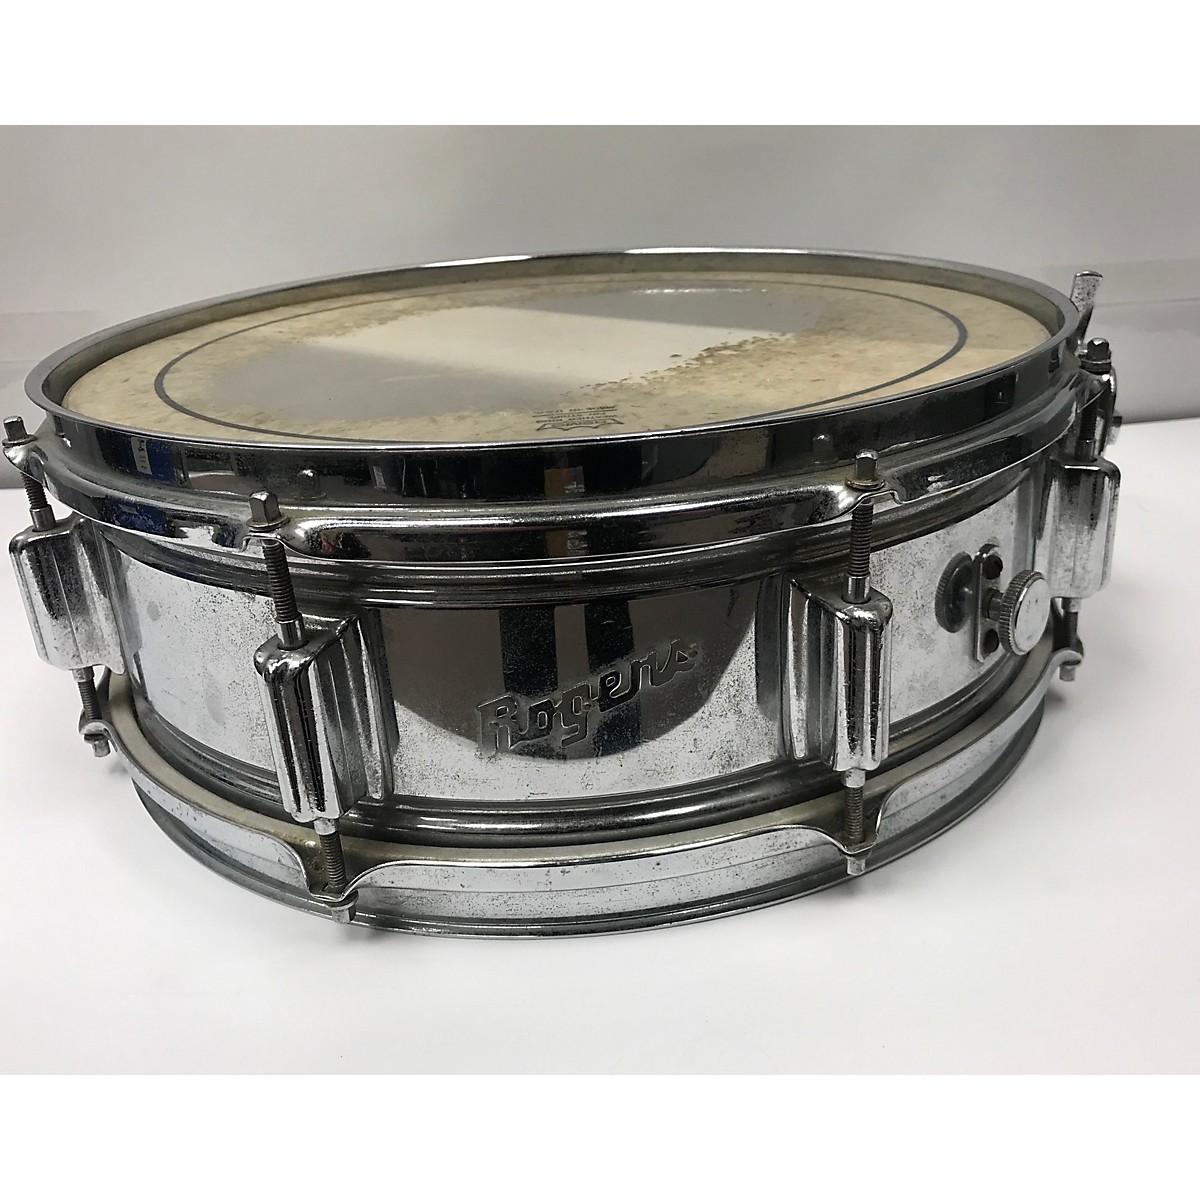 Rogers 1960s 5X14 Powertone Drum